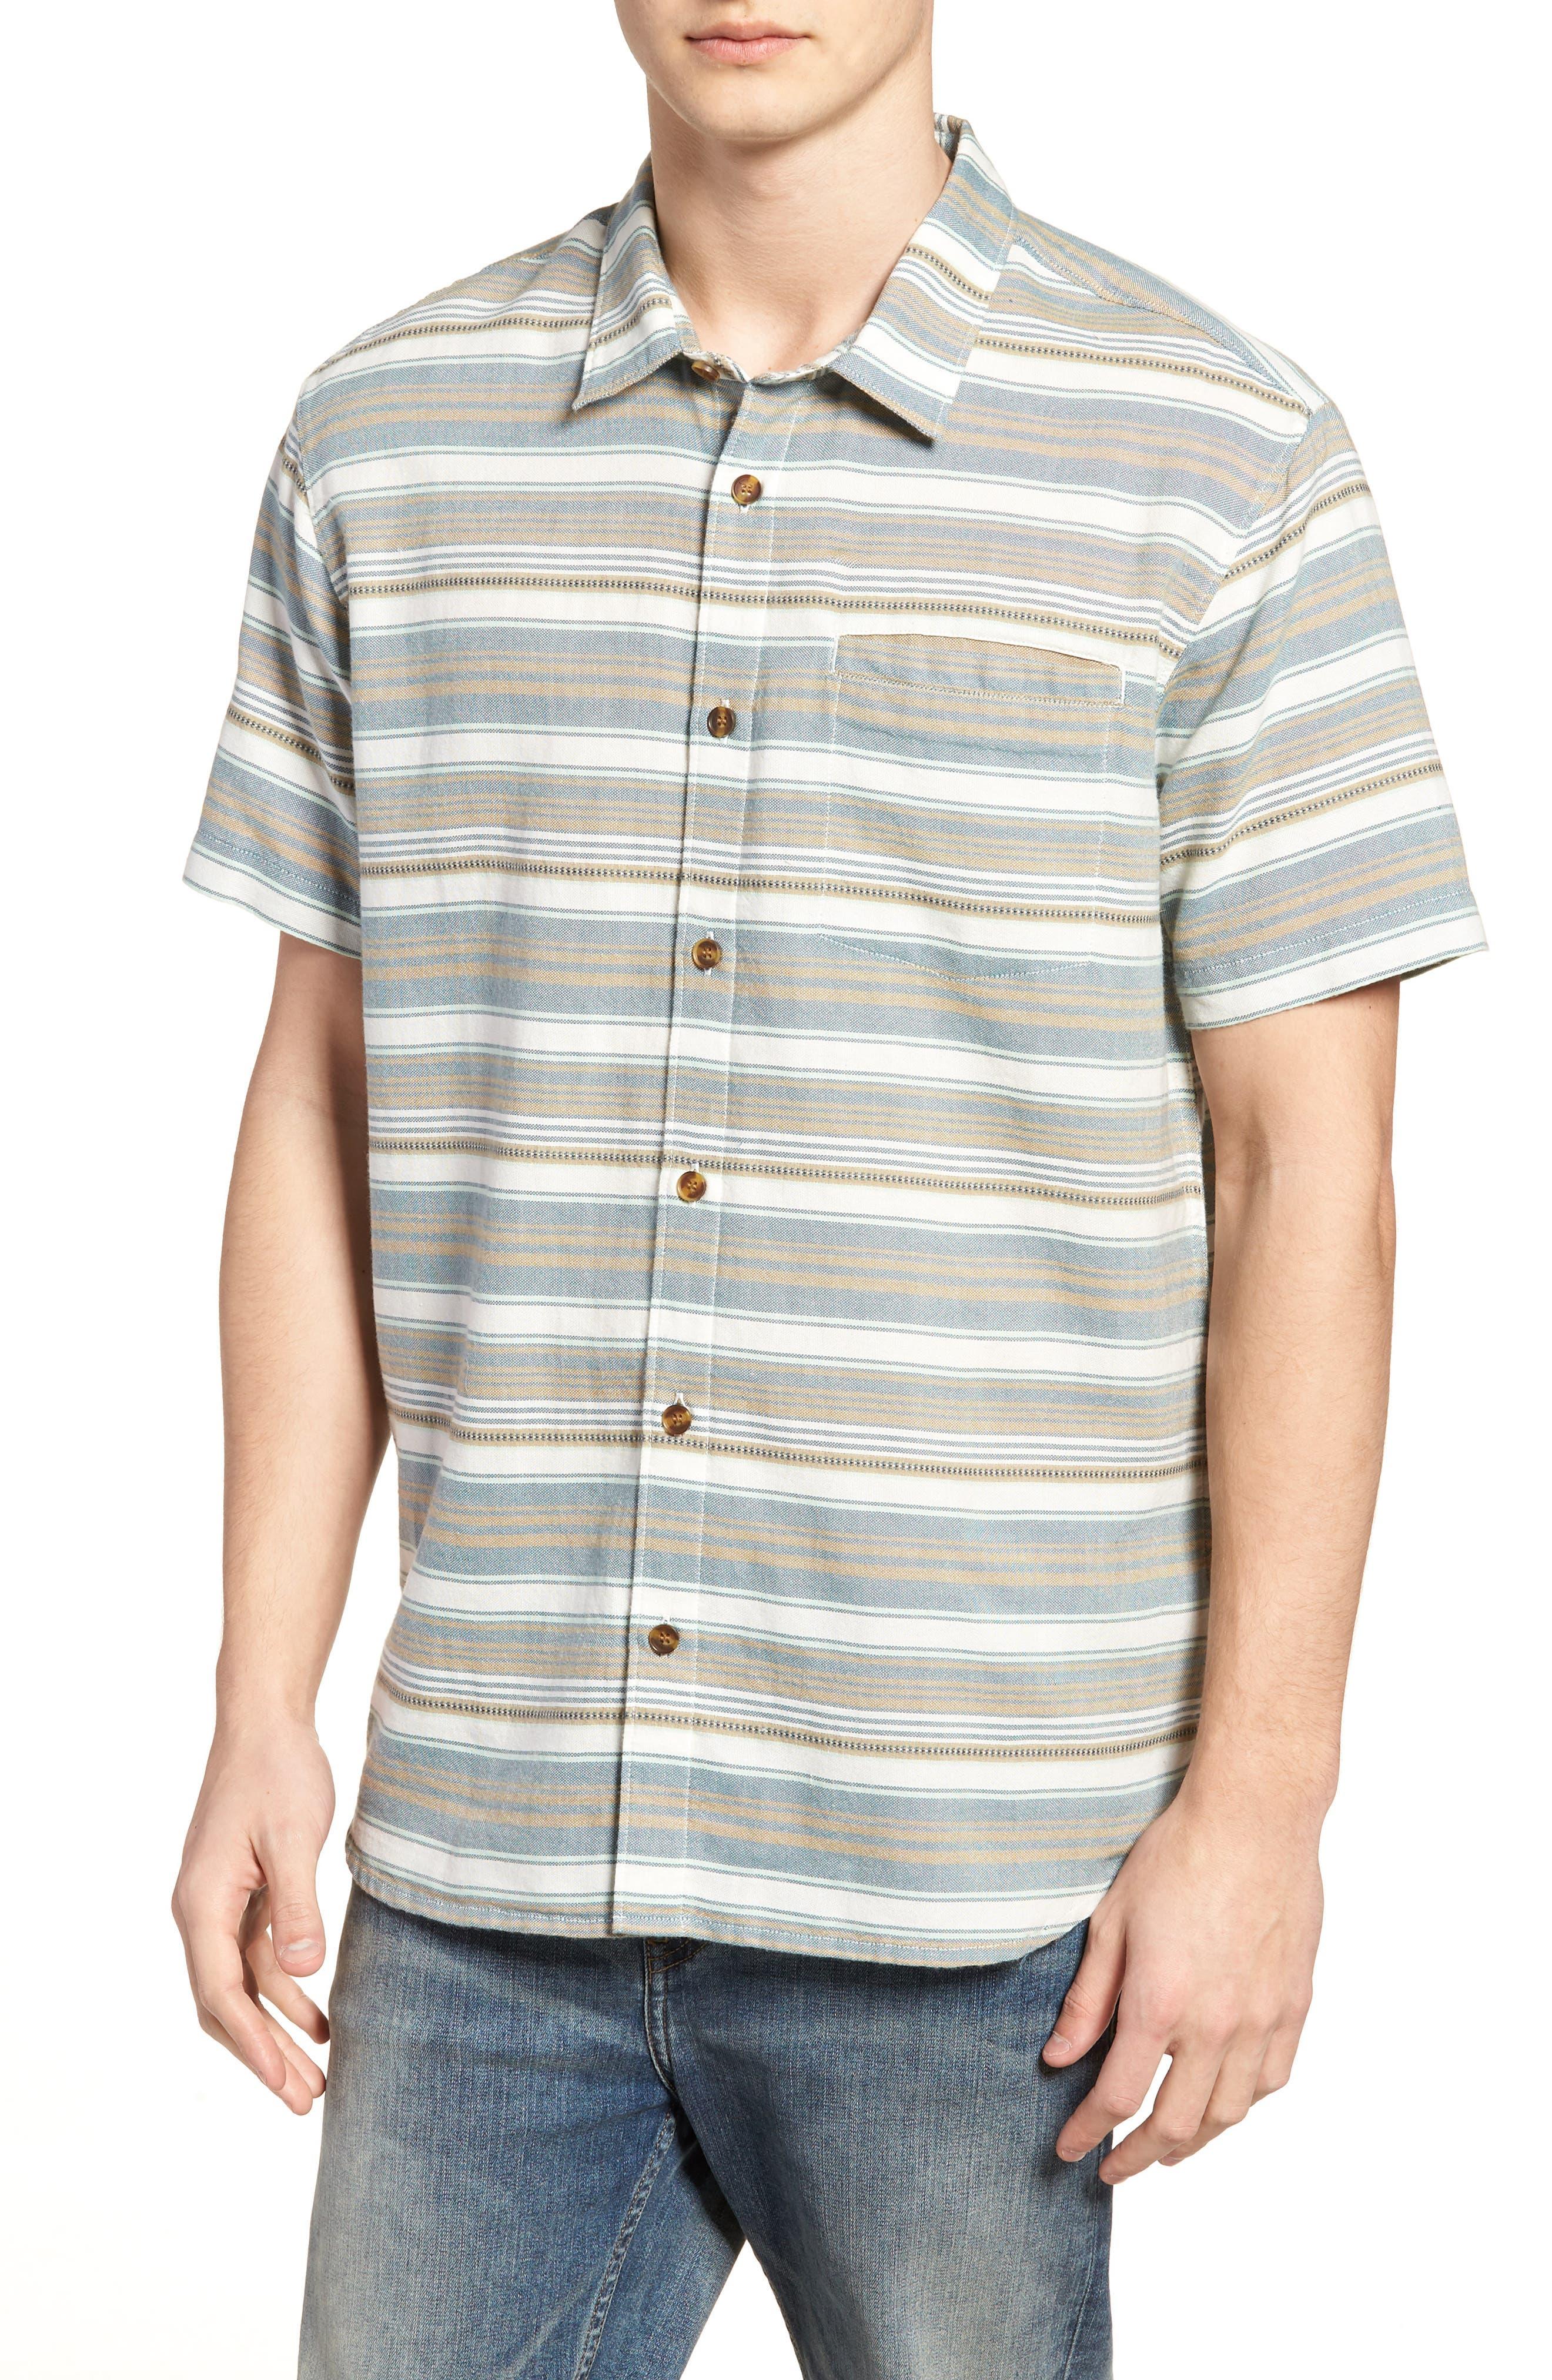 Currington Short Sleeve Shirt,                         Main,                         color, 251